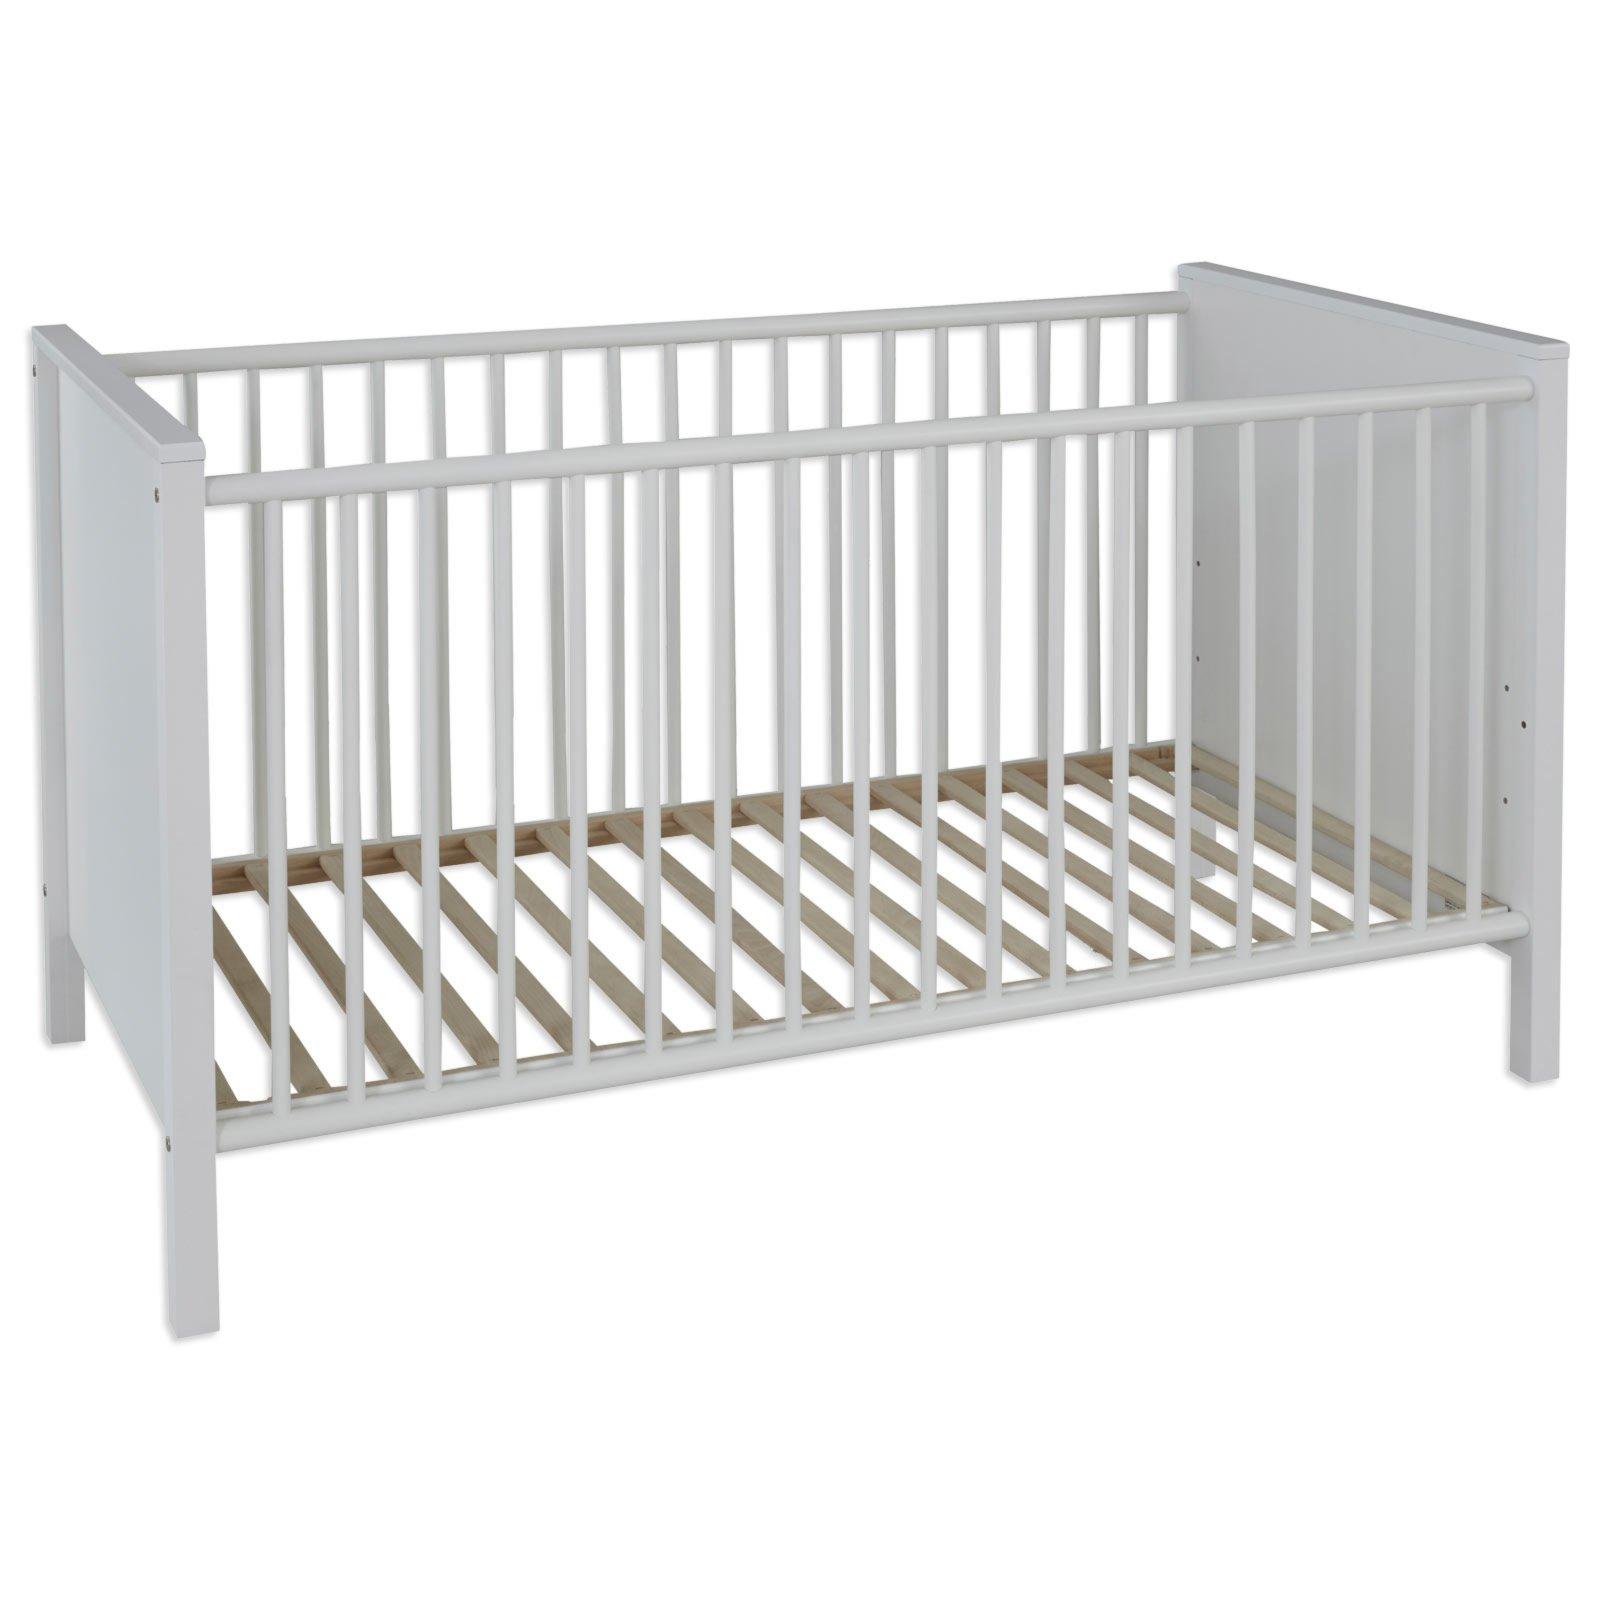 babybett ole wei 70x140 cm online bei roller kaufen. Black Bedroom Furniture Sets. Home Design Ideas